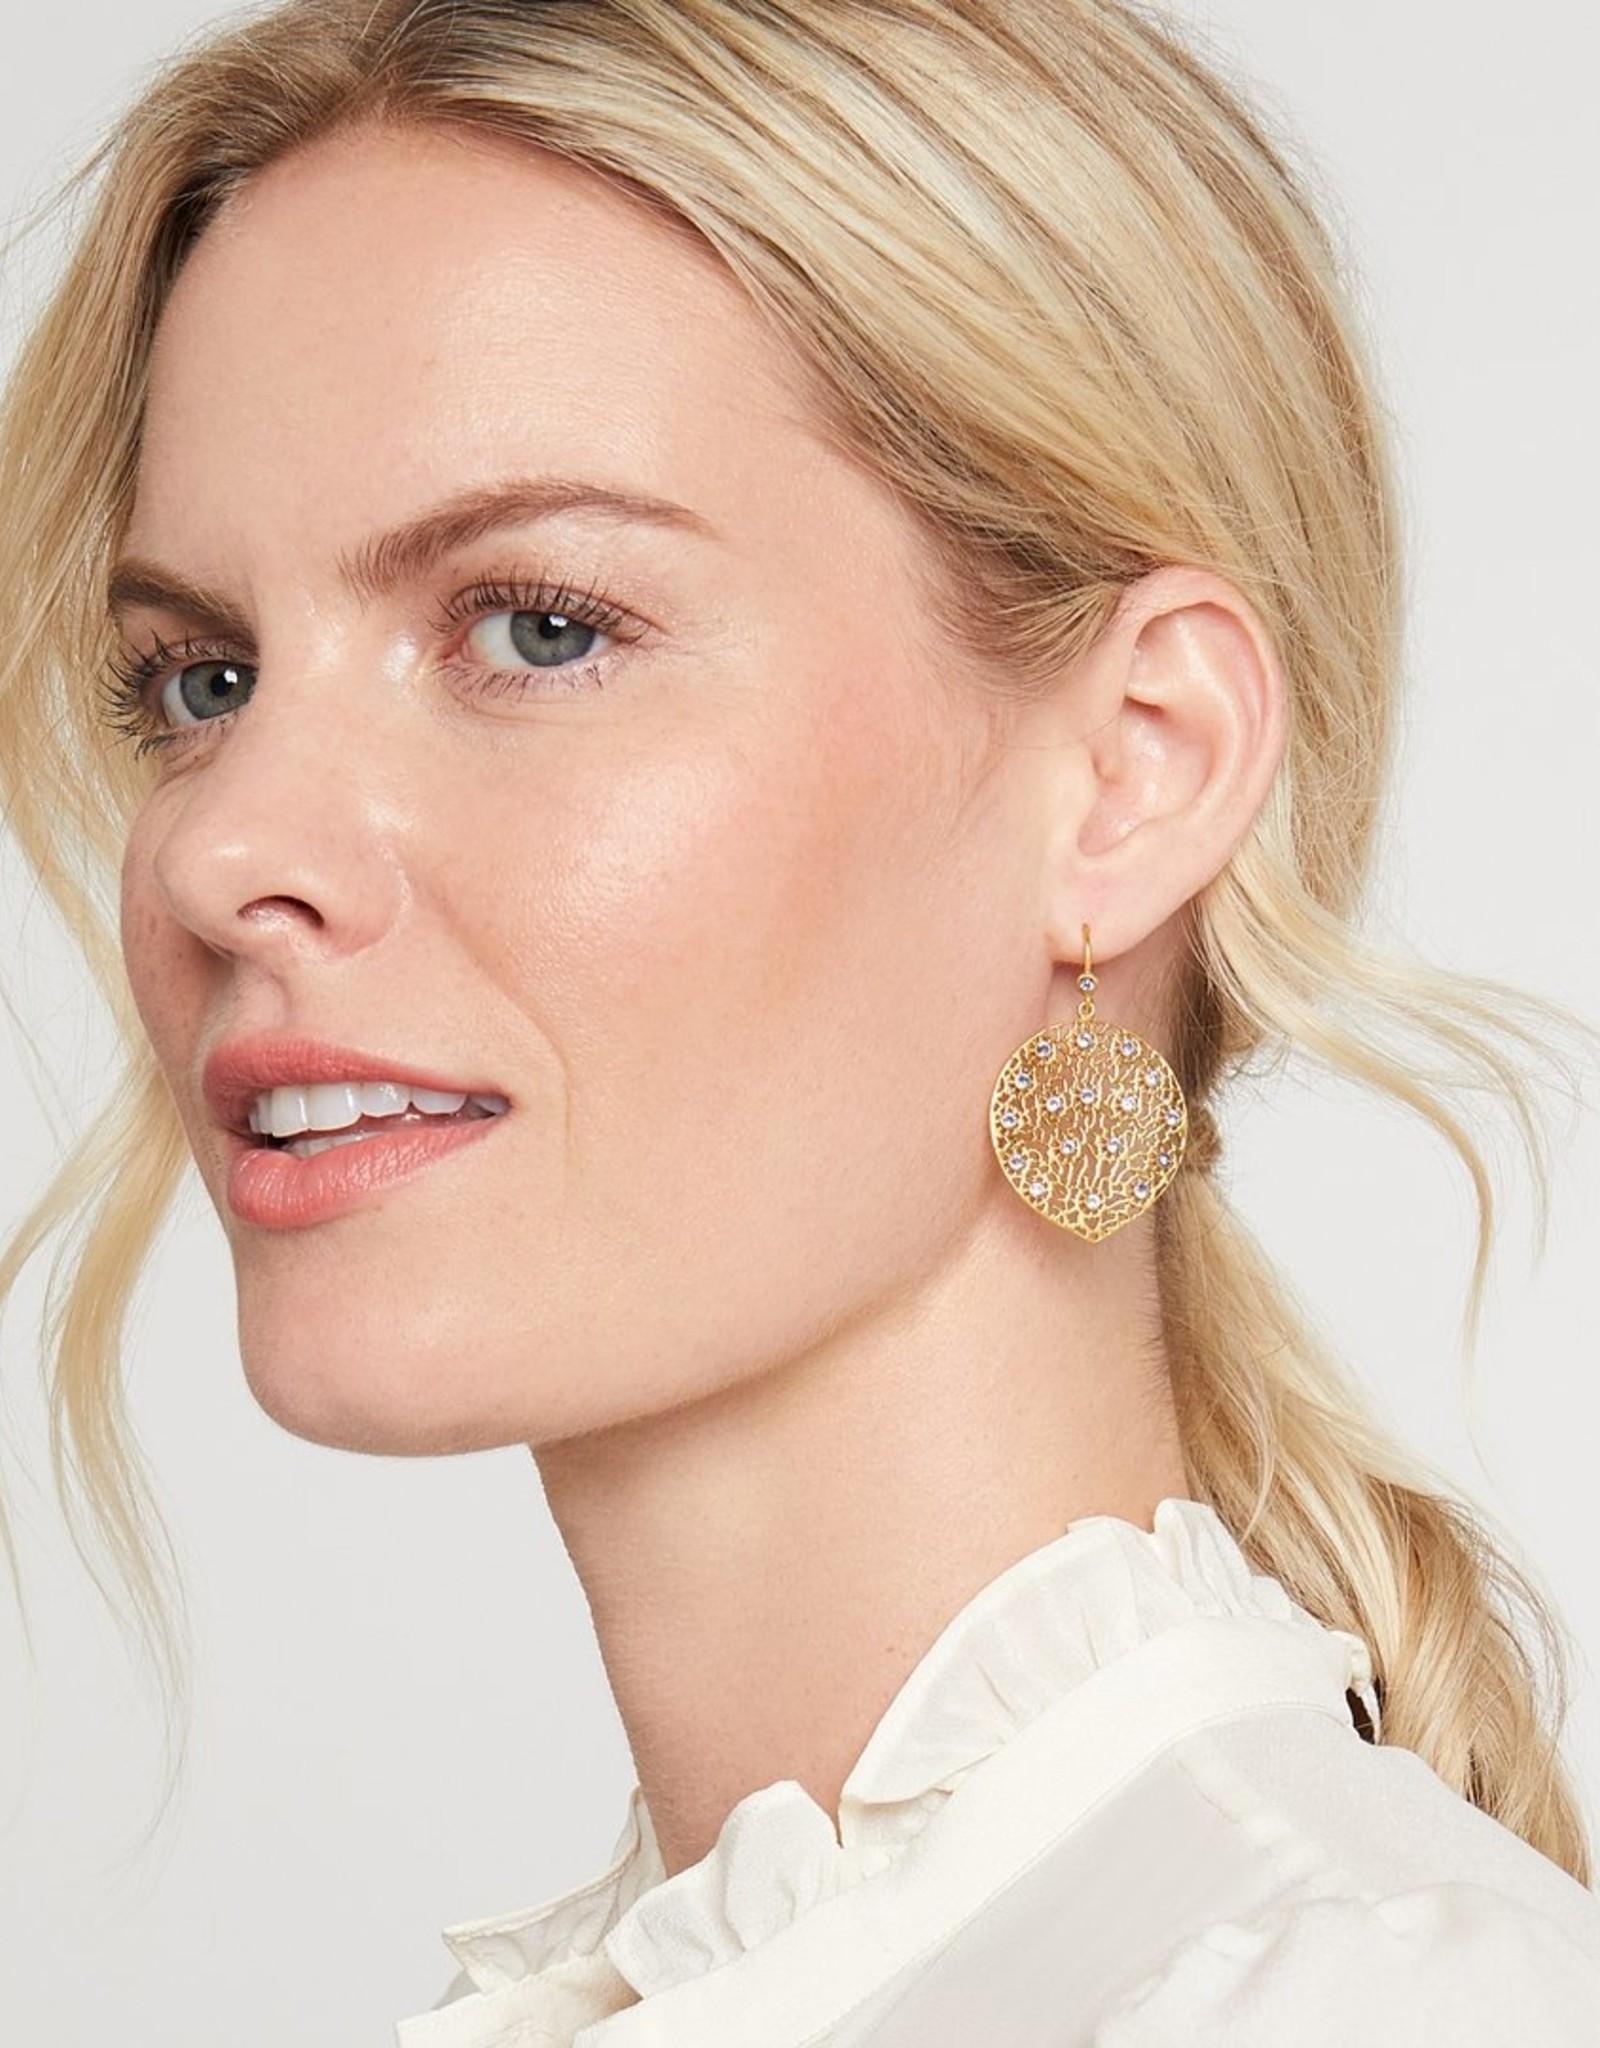 Julie Vos Peacock Earring Pearl